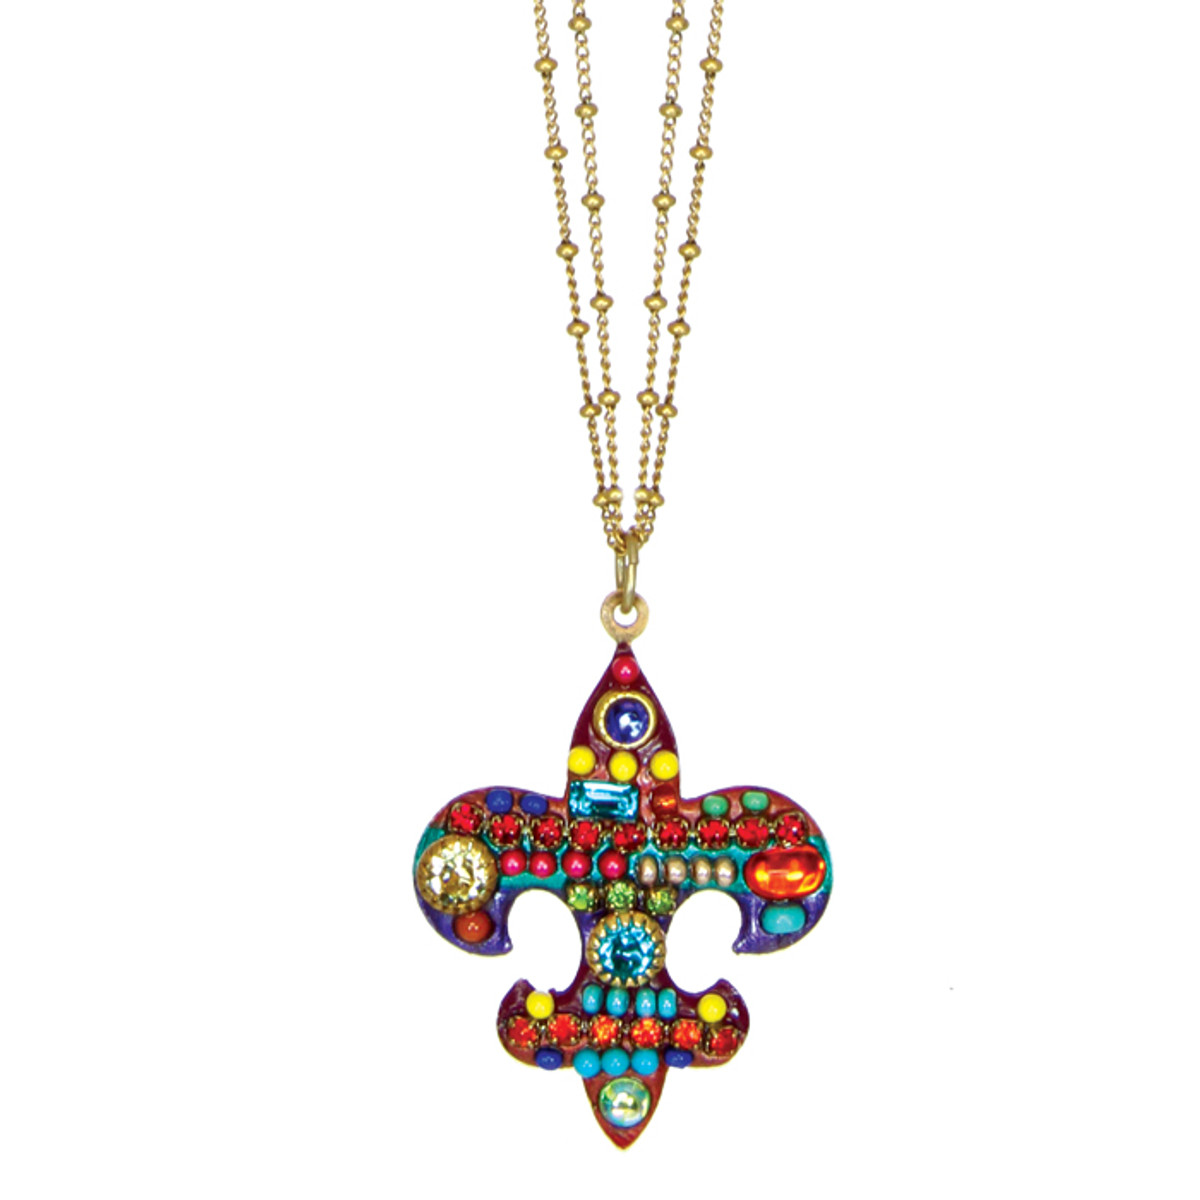 Michal Golan Necklace - Multibright Fleur De Lis Pendant On Double Chains